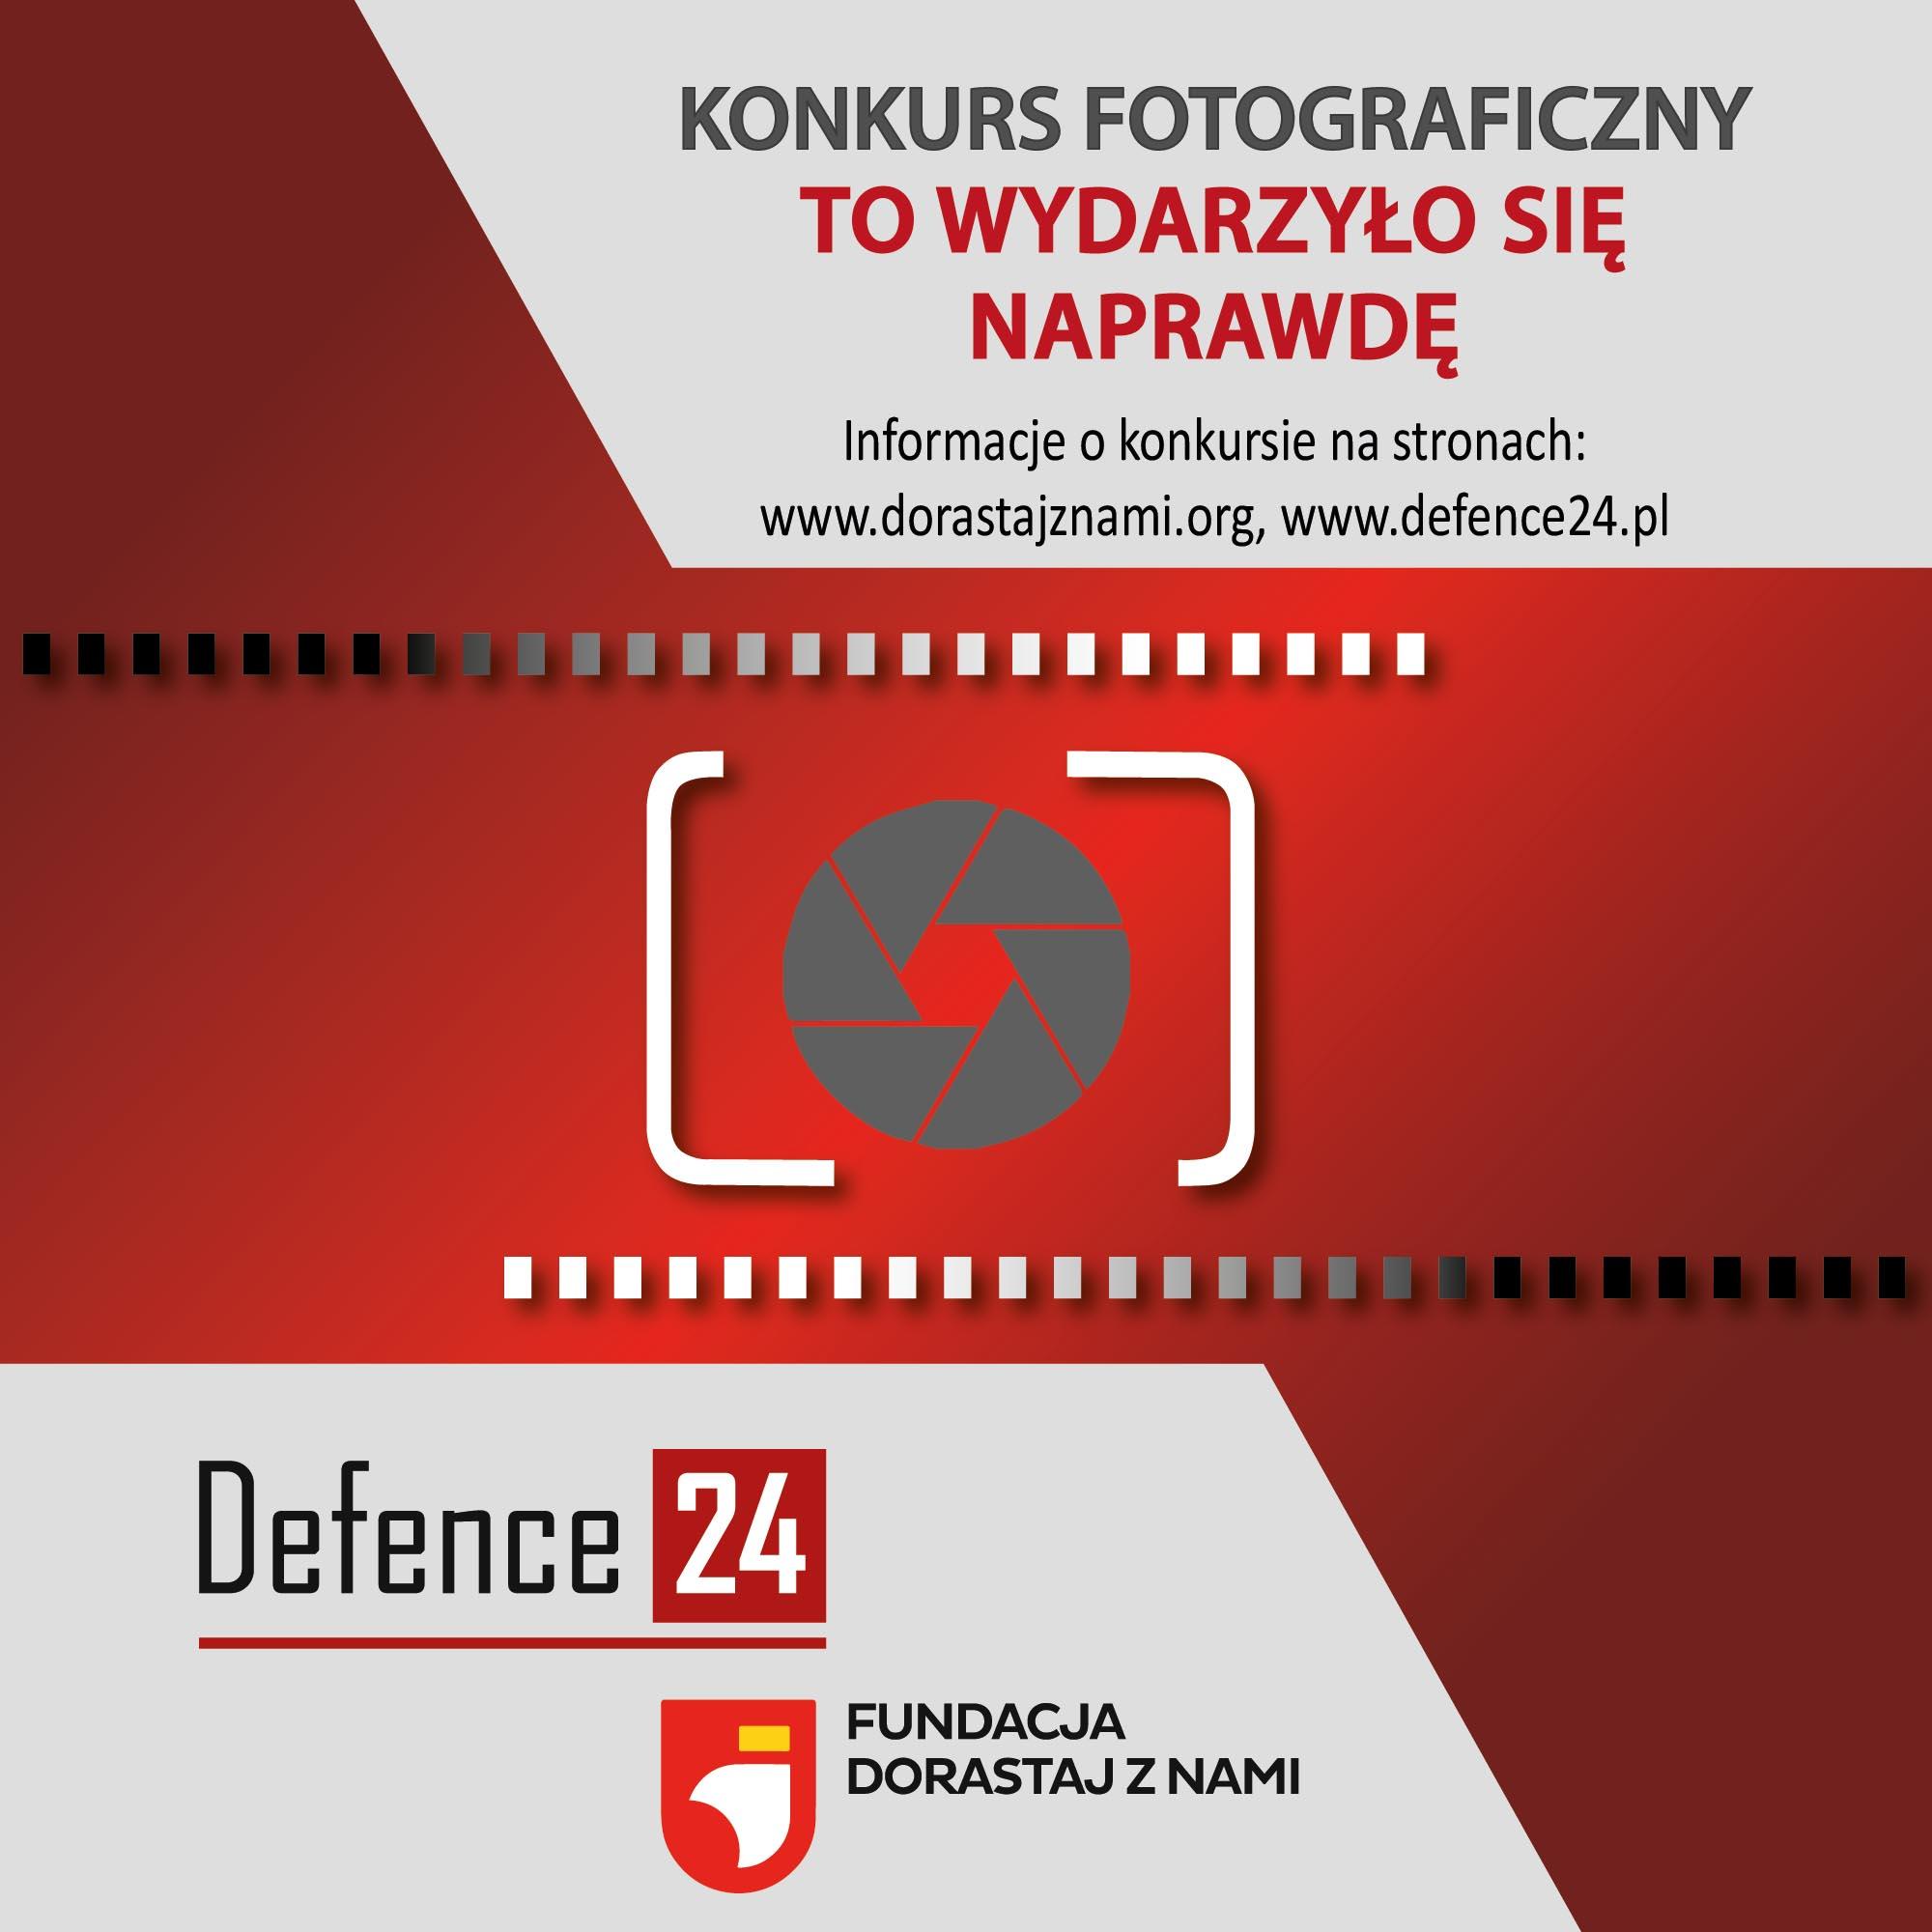 """KONKURS FOTOGRAFICZNY """"TO WYDARZYŁO SIĘ NAPRAWDĘ 2019"""""""